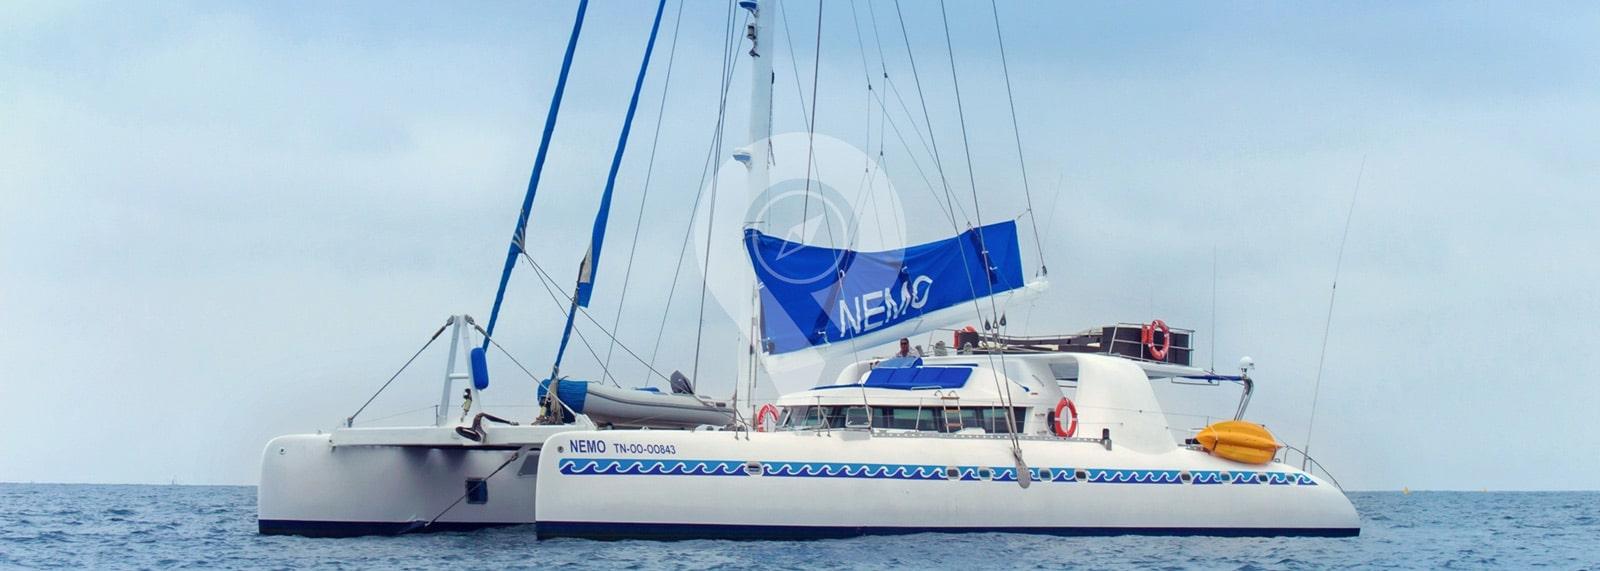 Nemo 1 Galapagos Catamaran